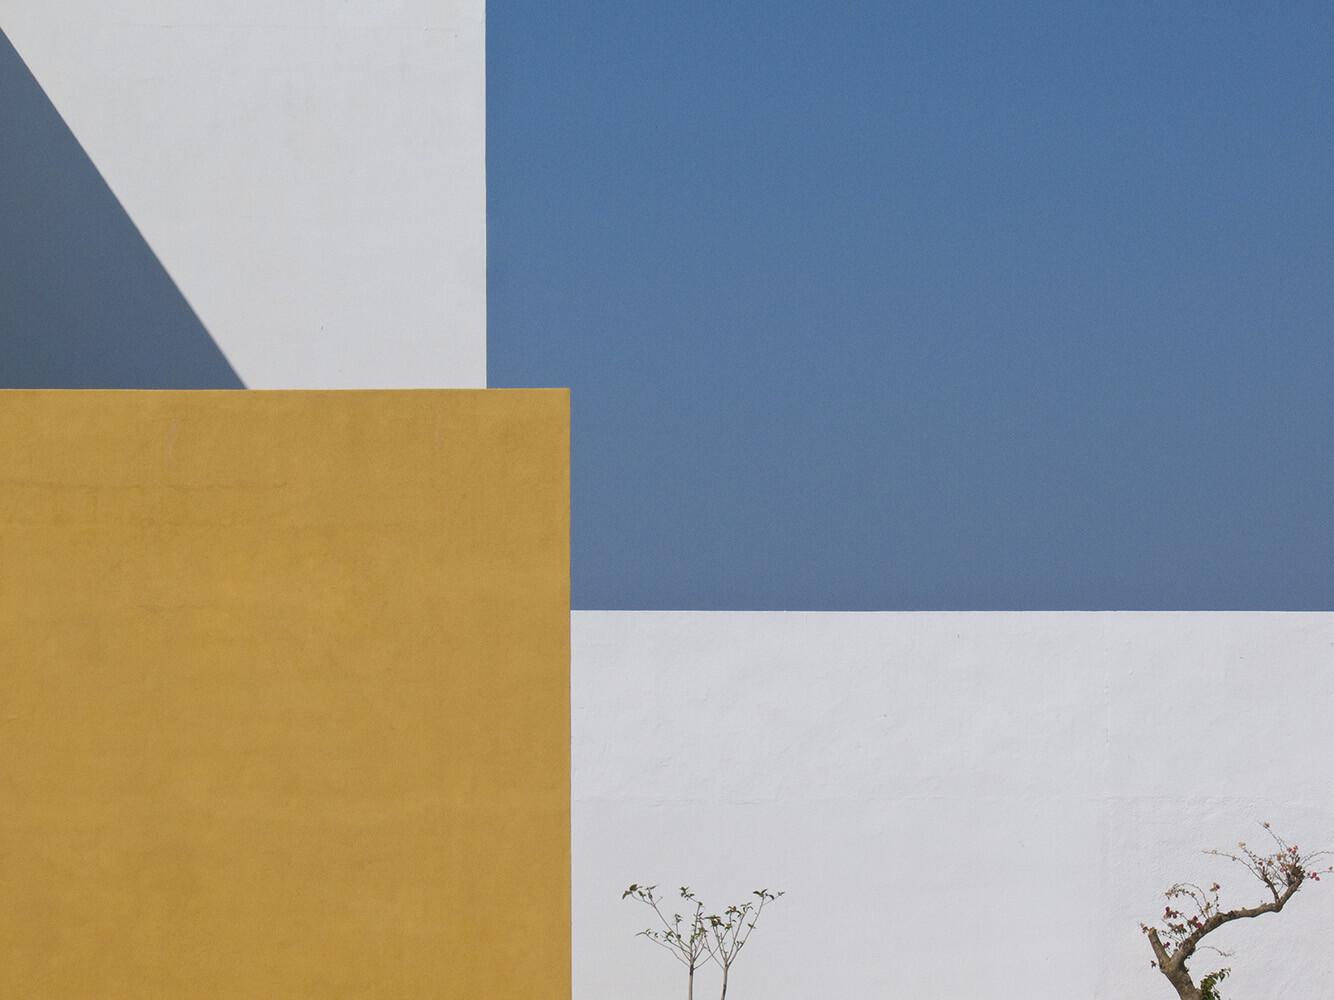 Ибица, 2008. Фотограф Франко Фонтана